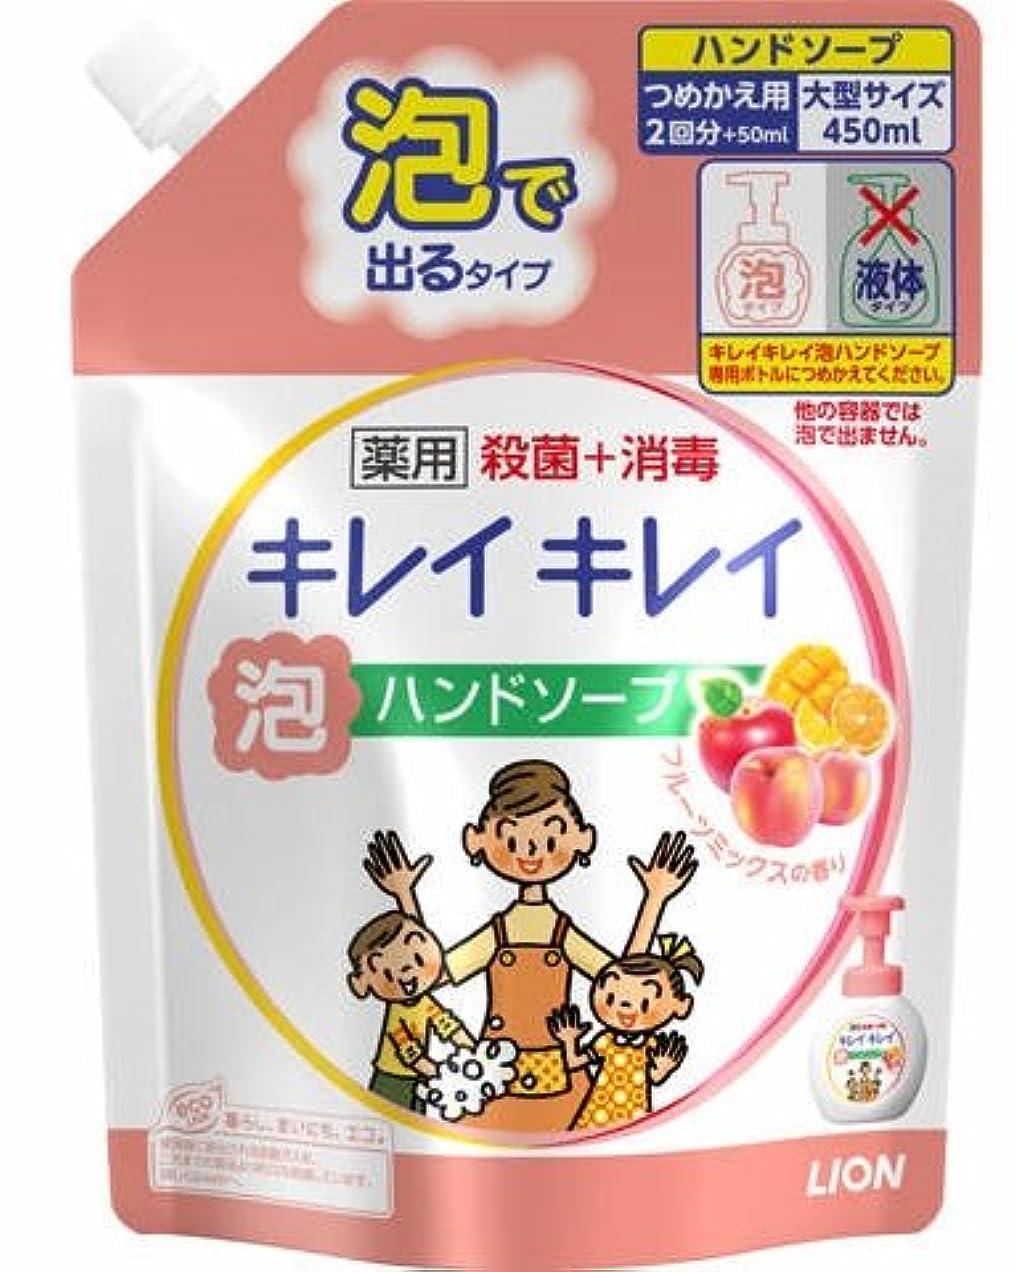 フォアマン病気寝るキレイキレイ薬用泡HSフルーツミックス つめかえ用大型サイズ × 5個セット